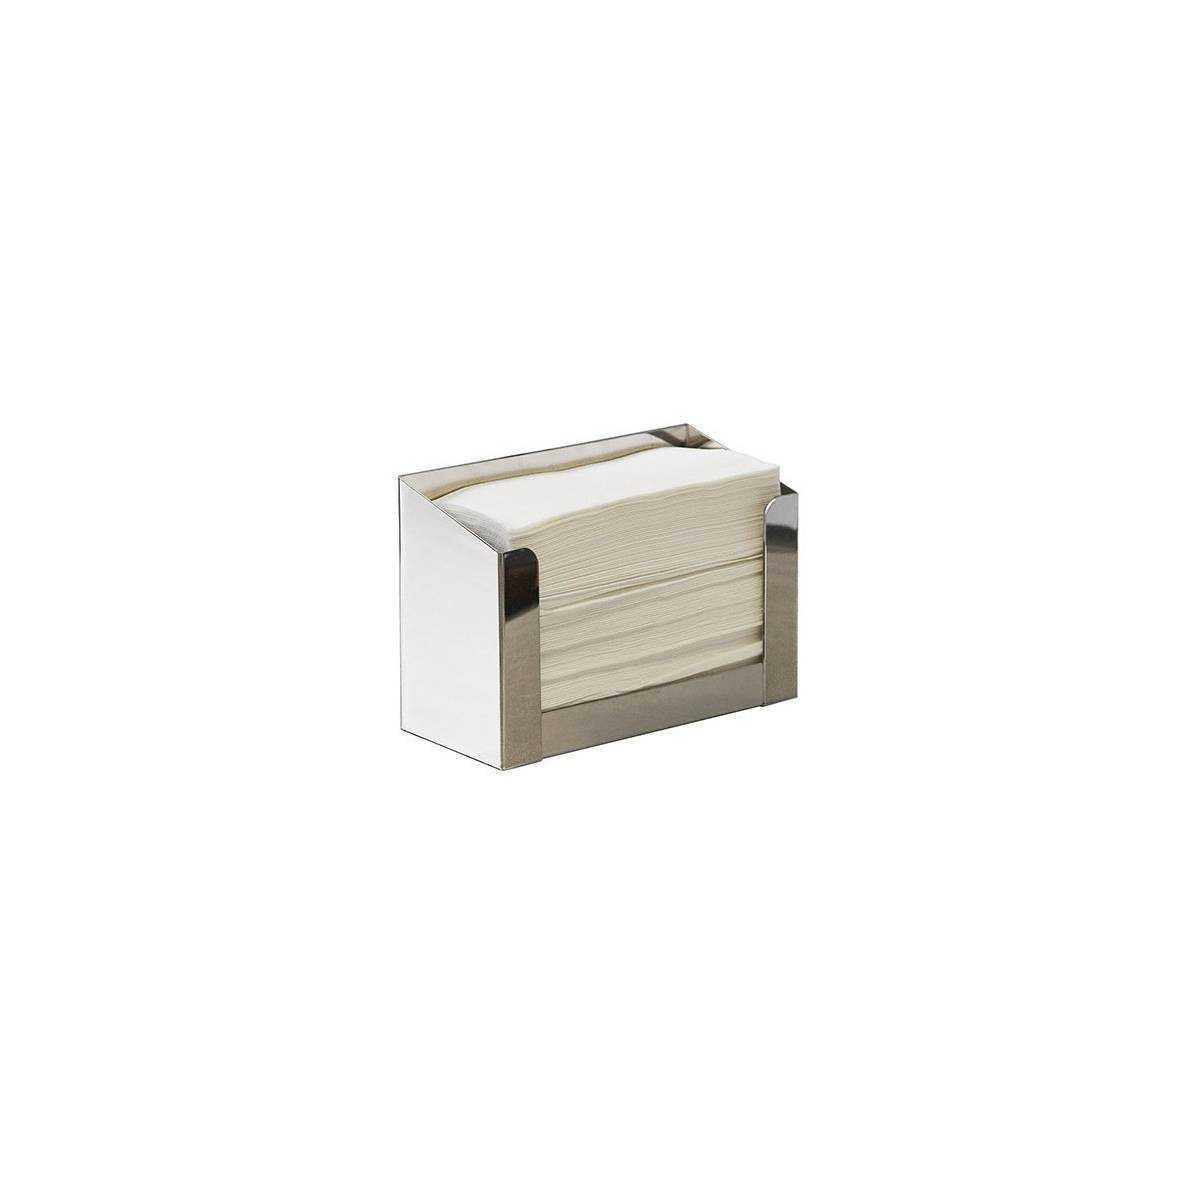 Держатель бумажных полотенец в пачках E-LINE (E 701C) E 701C Атма